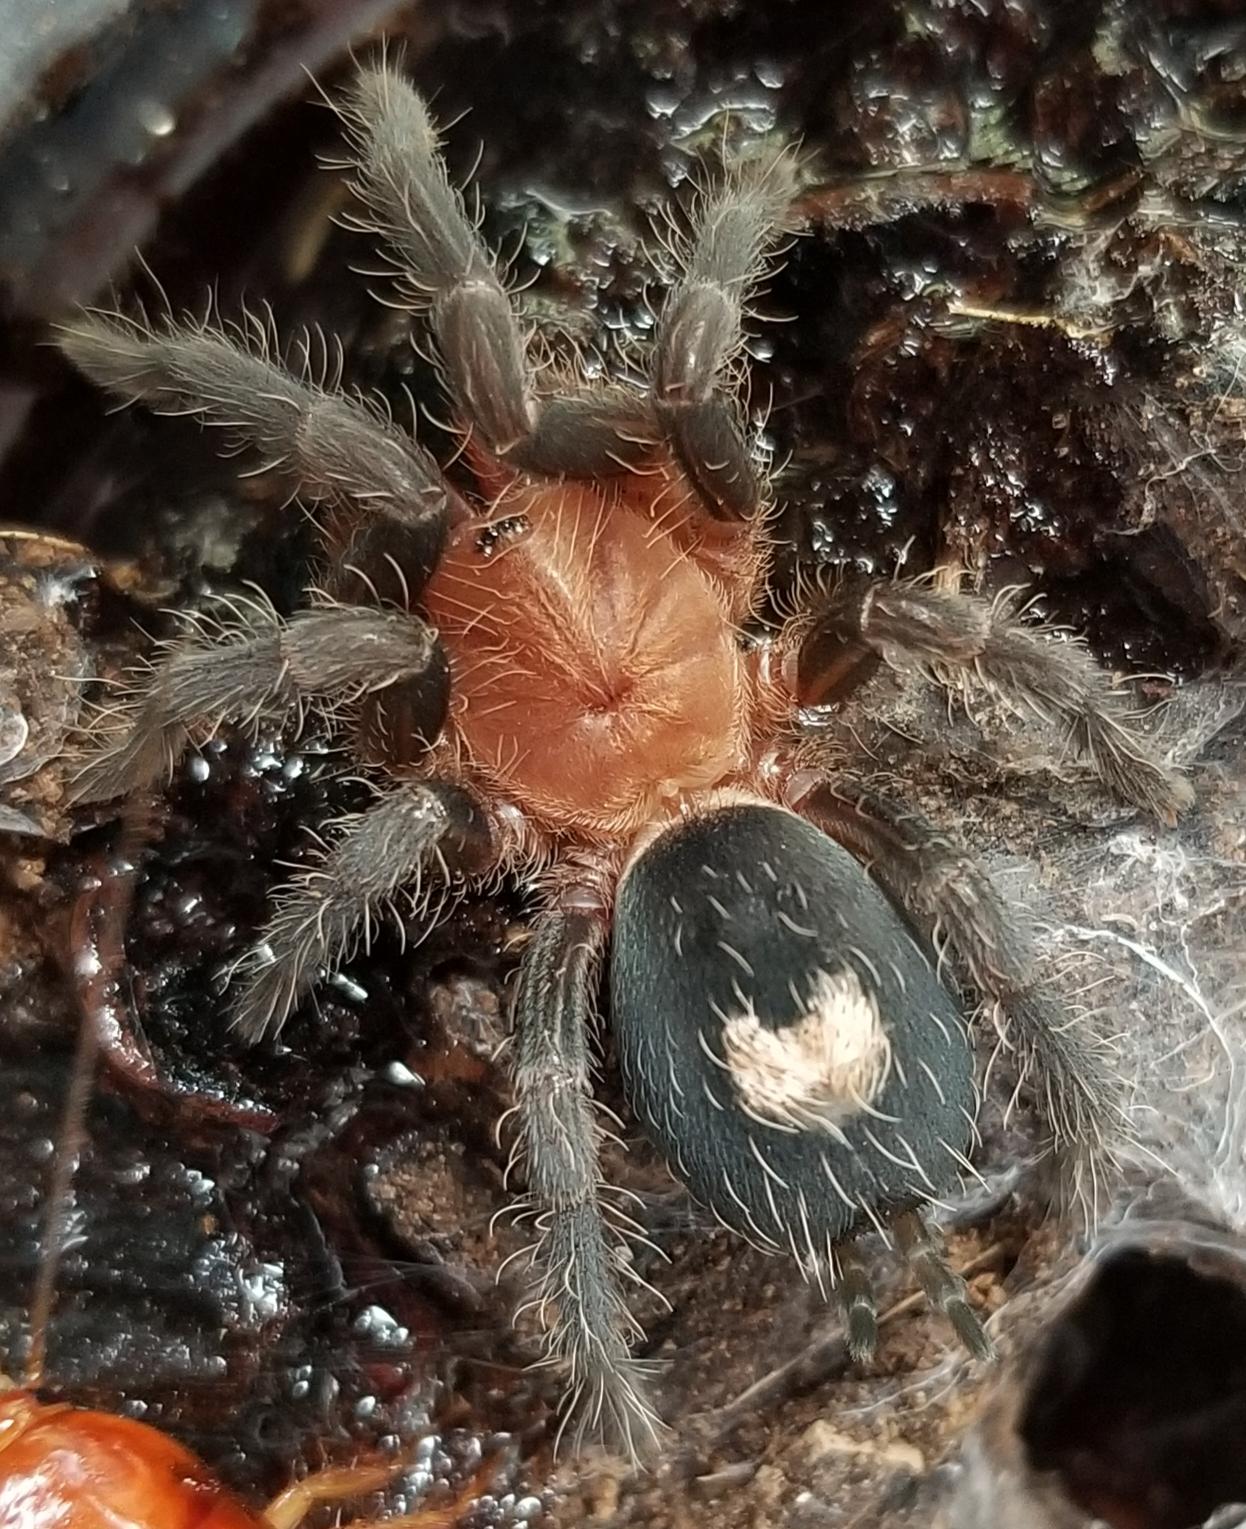 Cyriocosmus peruviensis